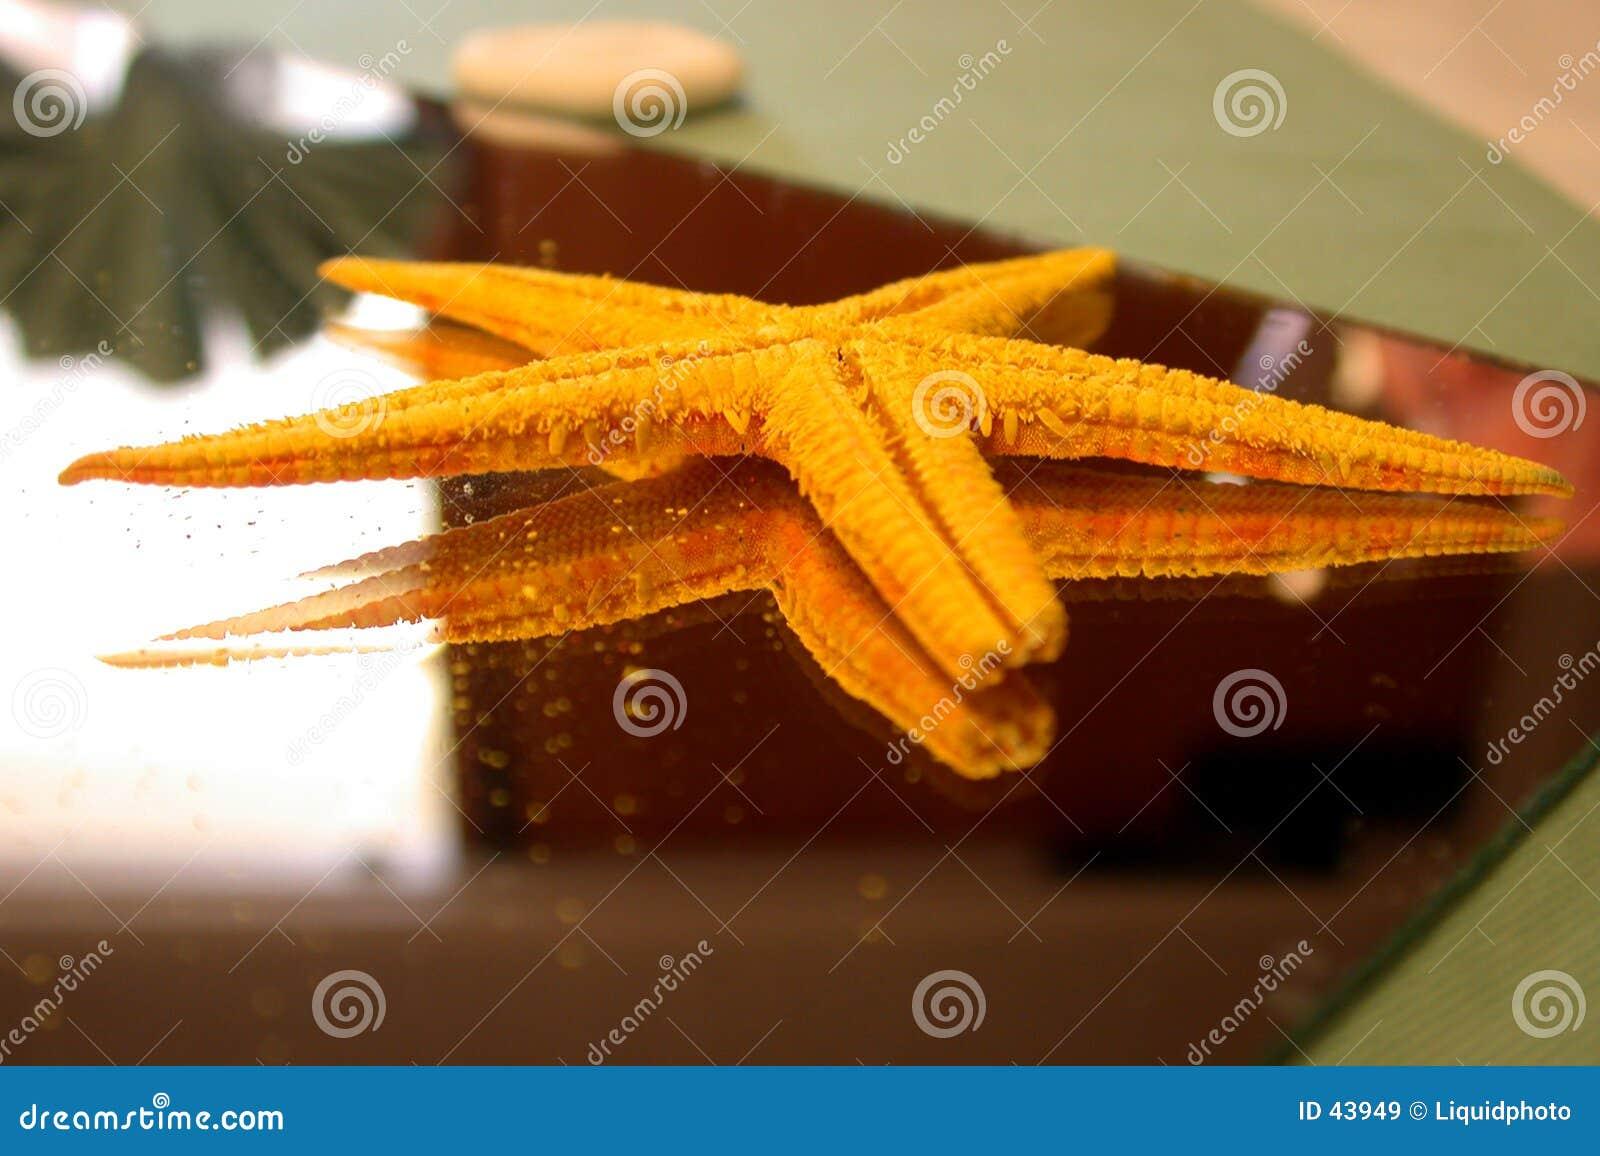 Starfish on Mirror